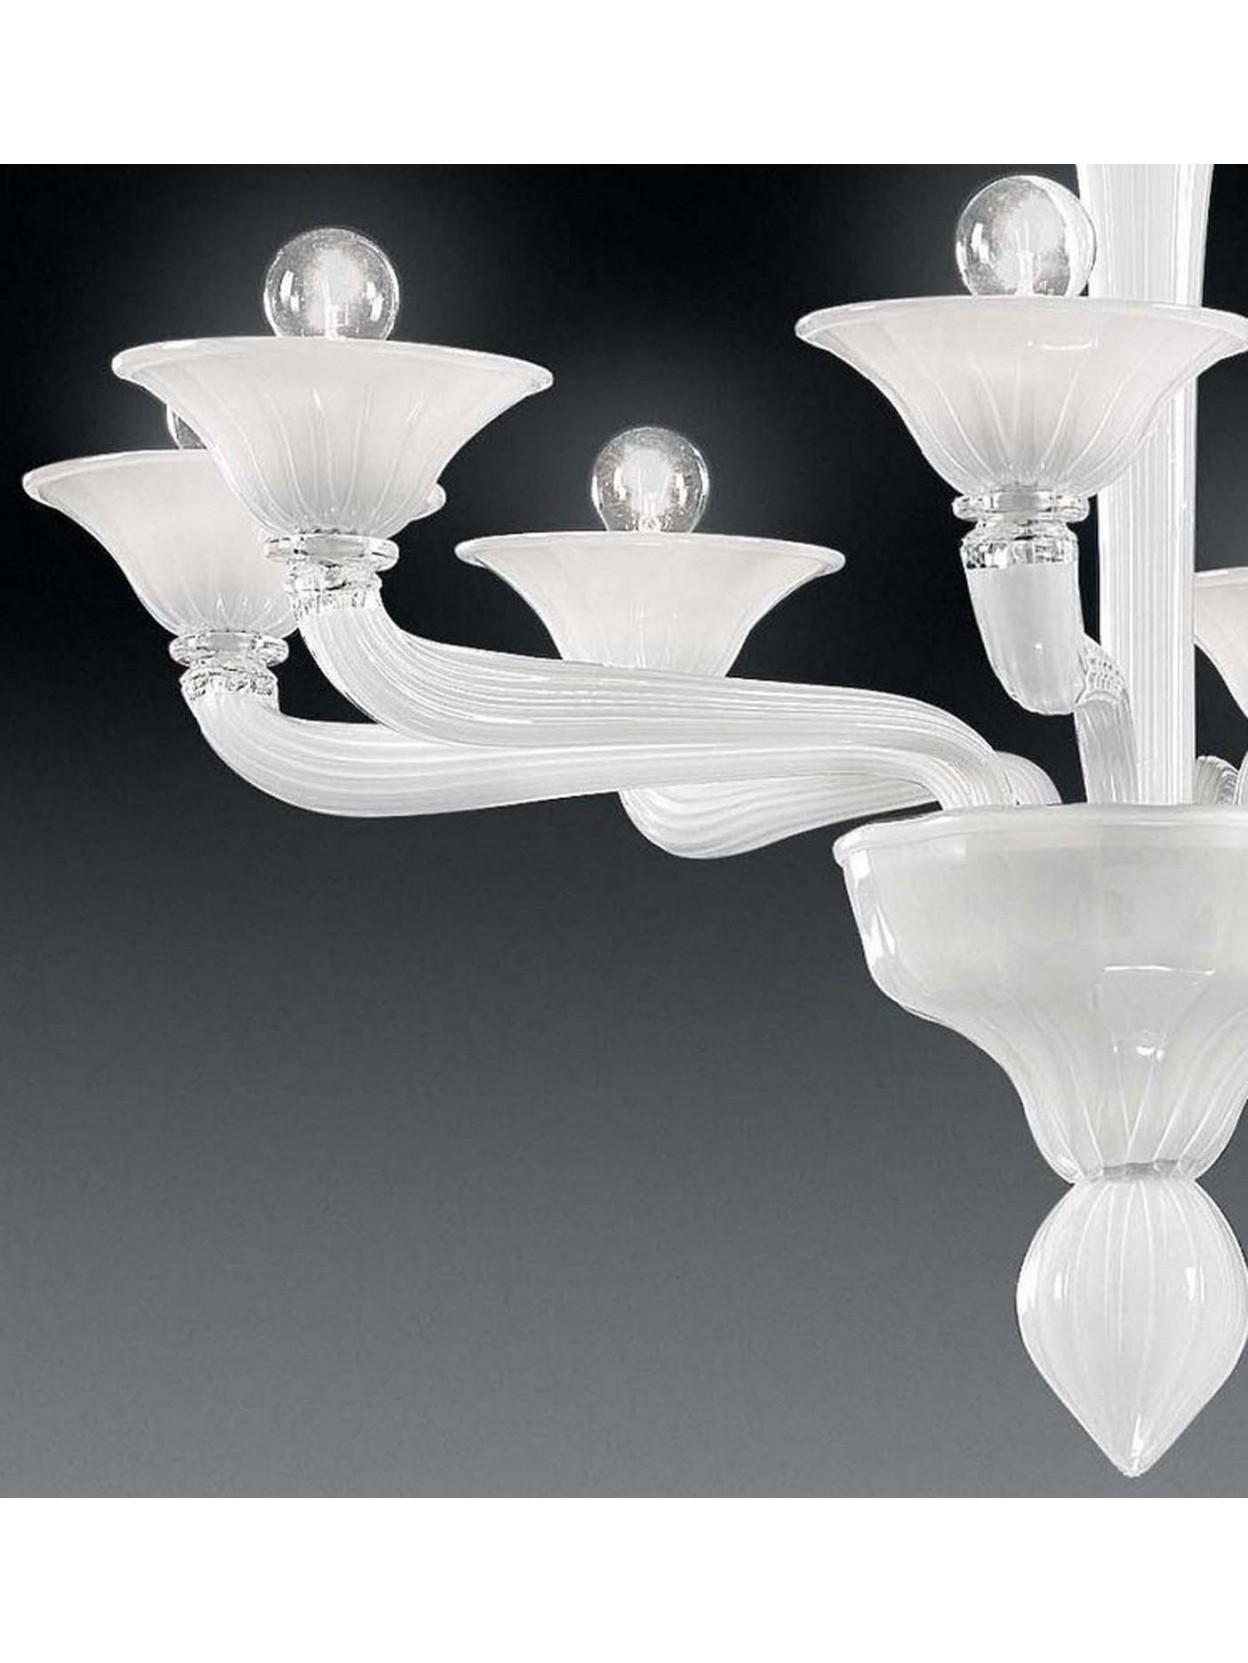 I nostri lampadari moderni in vetro sono il frutto della nostra abilità forgiare questo nobile materiale, arte che abbiamo imparato nelle migliori fornaci di murano. Lampadario Murano 8 Luci Voltolina Ca D Oro Bianco